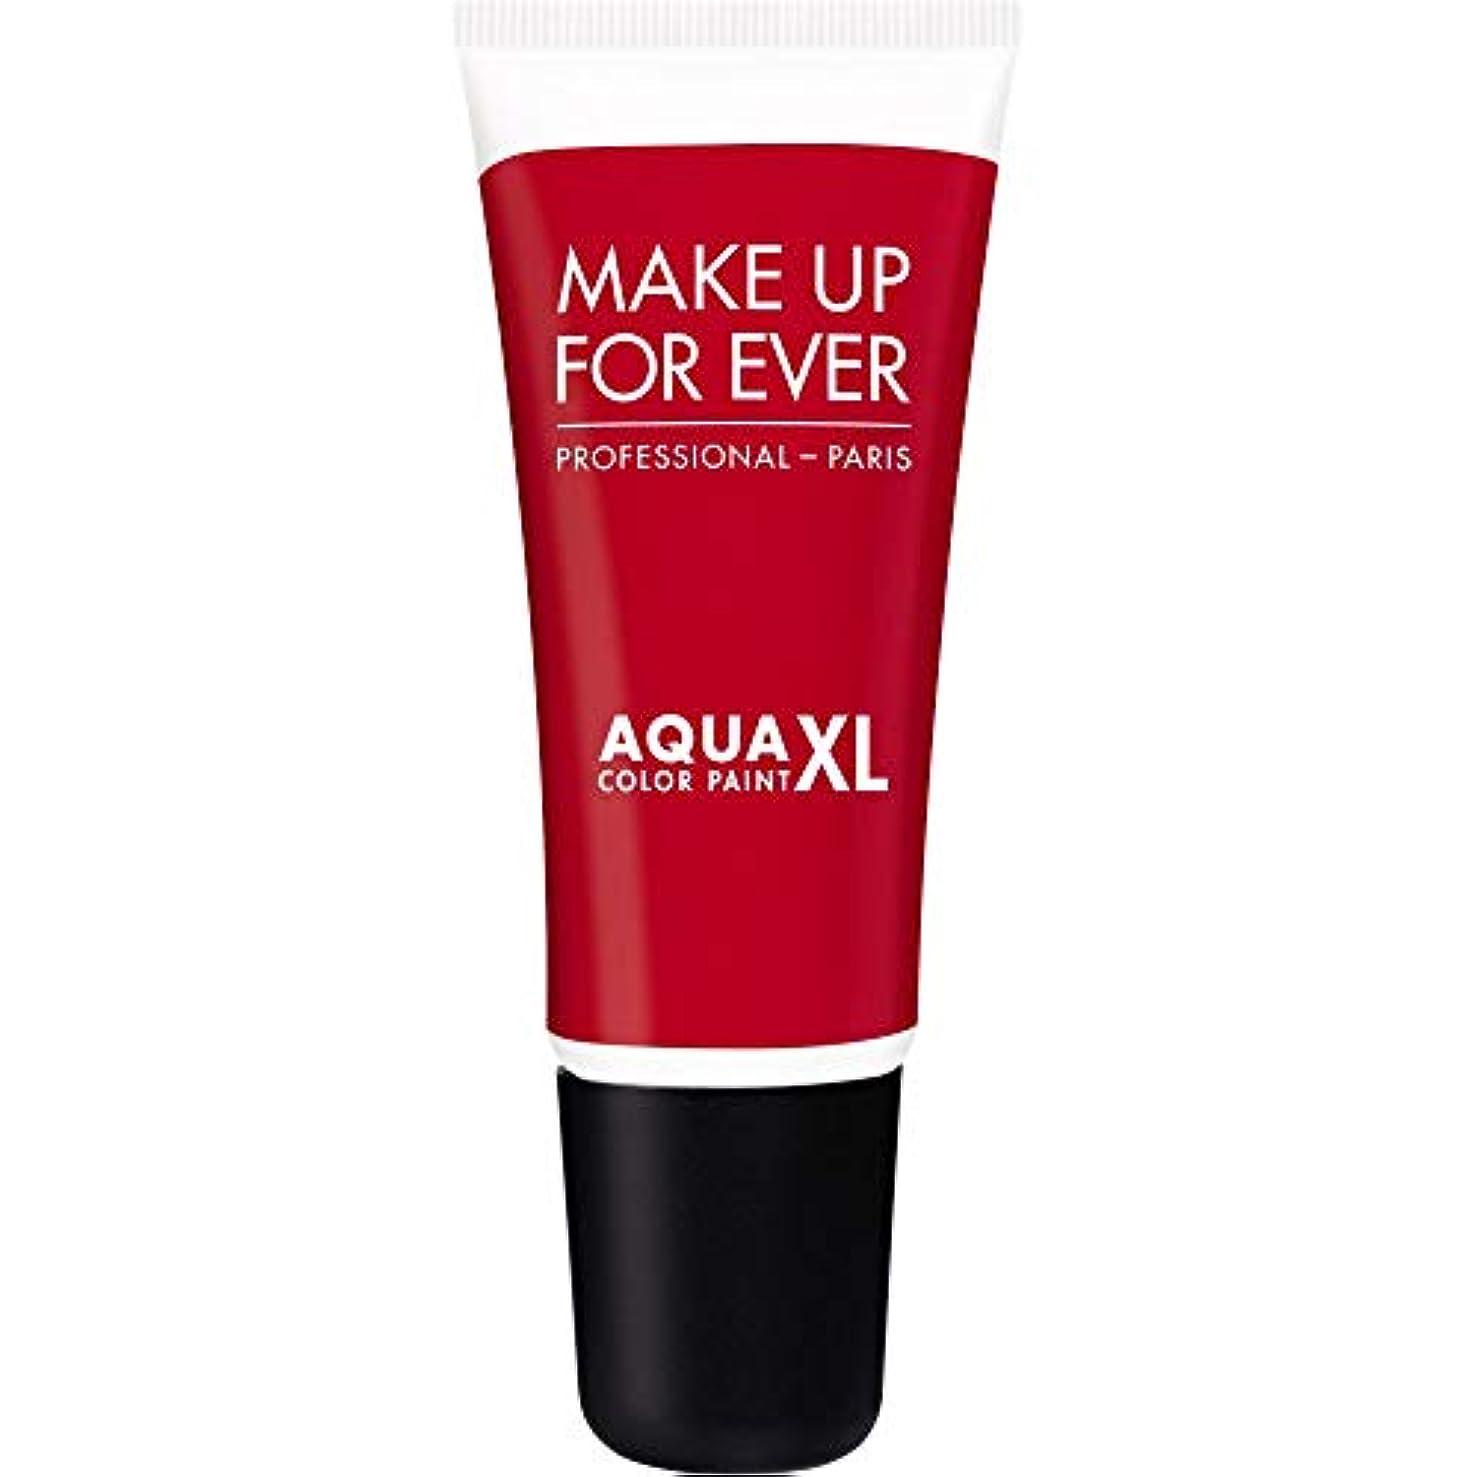 明示的にどんなときも情緒的[MAKE UP FOR EVER] 防水アイシャドウ4.8ミリリットルのM-72 - - マット赤史上アクアXl色の塗料を補います - MAKE UP FOR EVER Aqua XL Color Paint - Waterproof Eyeshadow 4.8ml M-72 - Matte Red [並行輸入品]